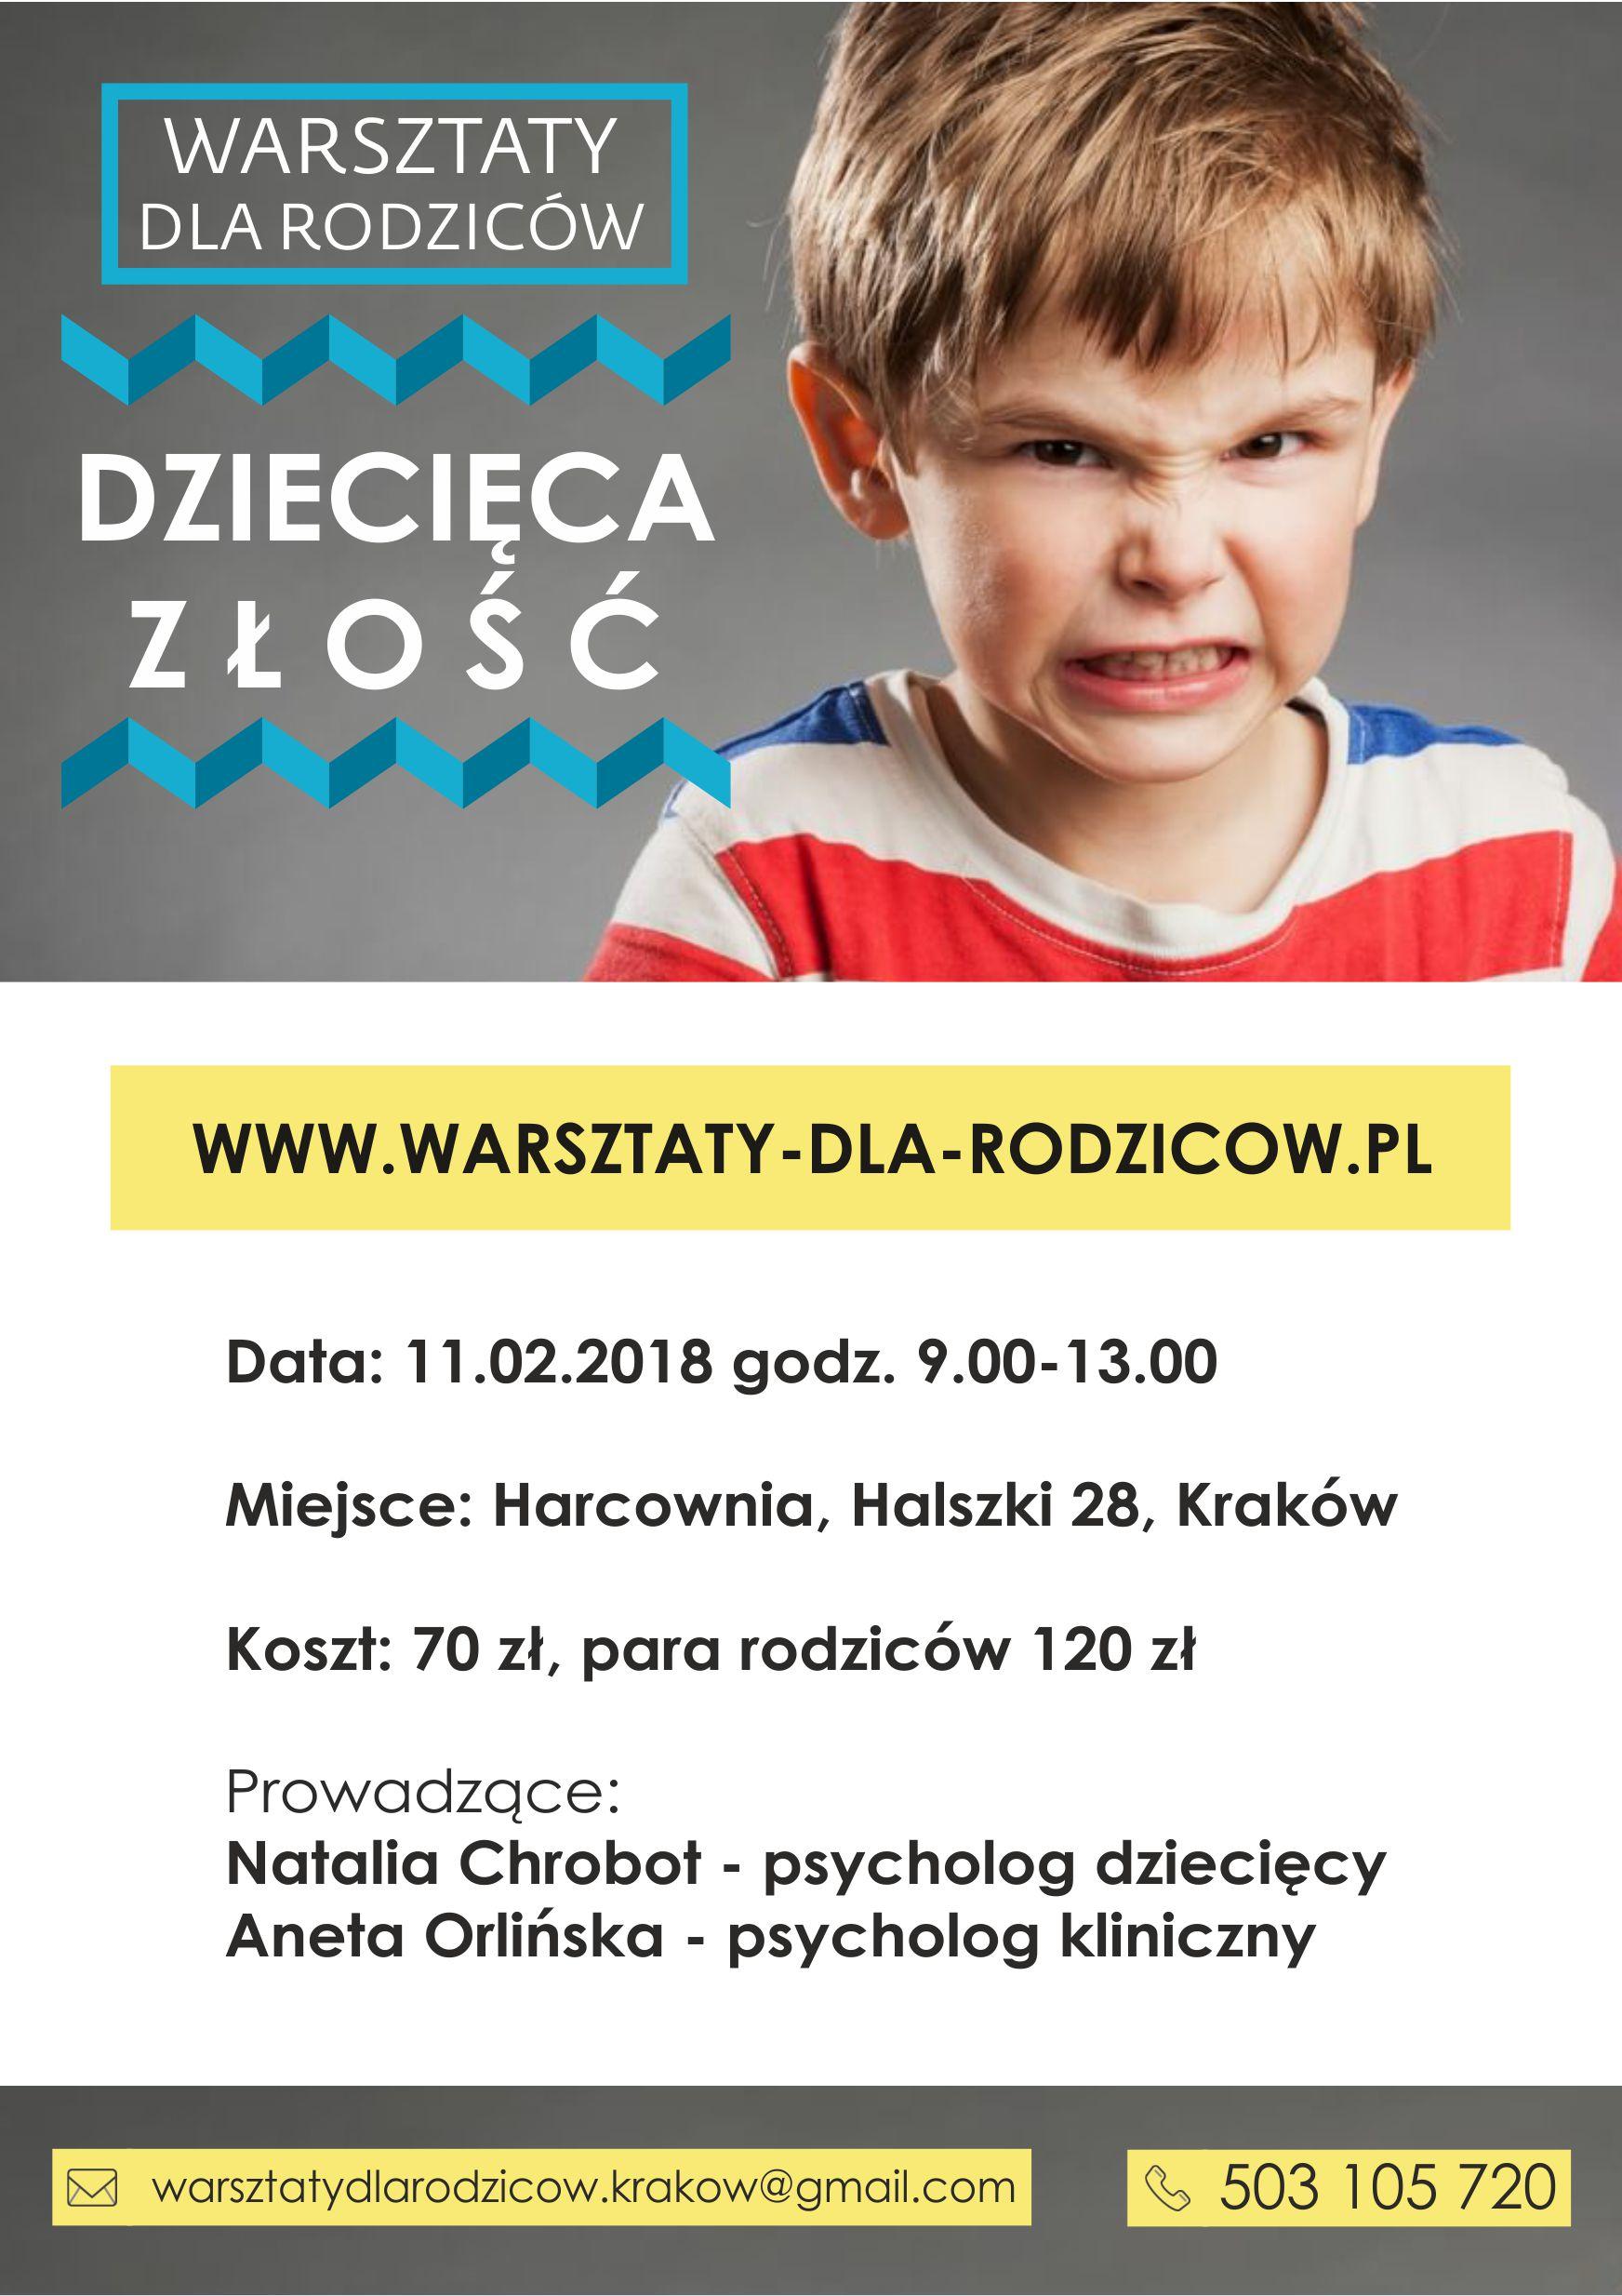 Warsztaty dla Rodziców - Dziecięca złość